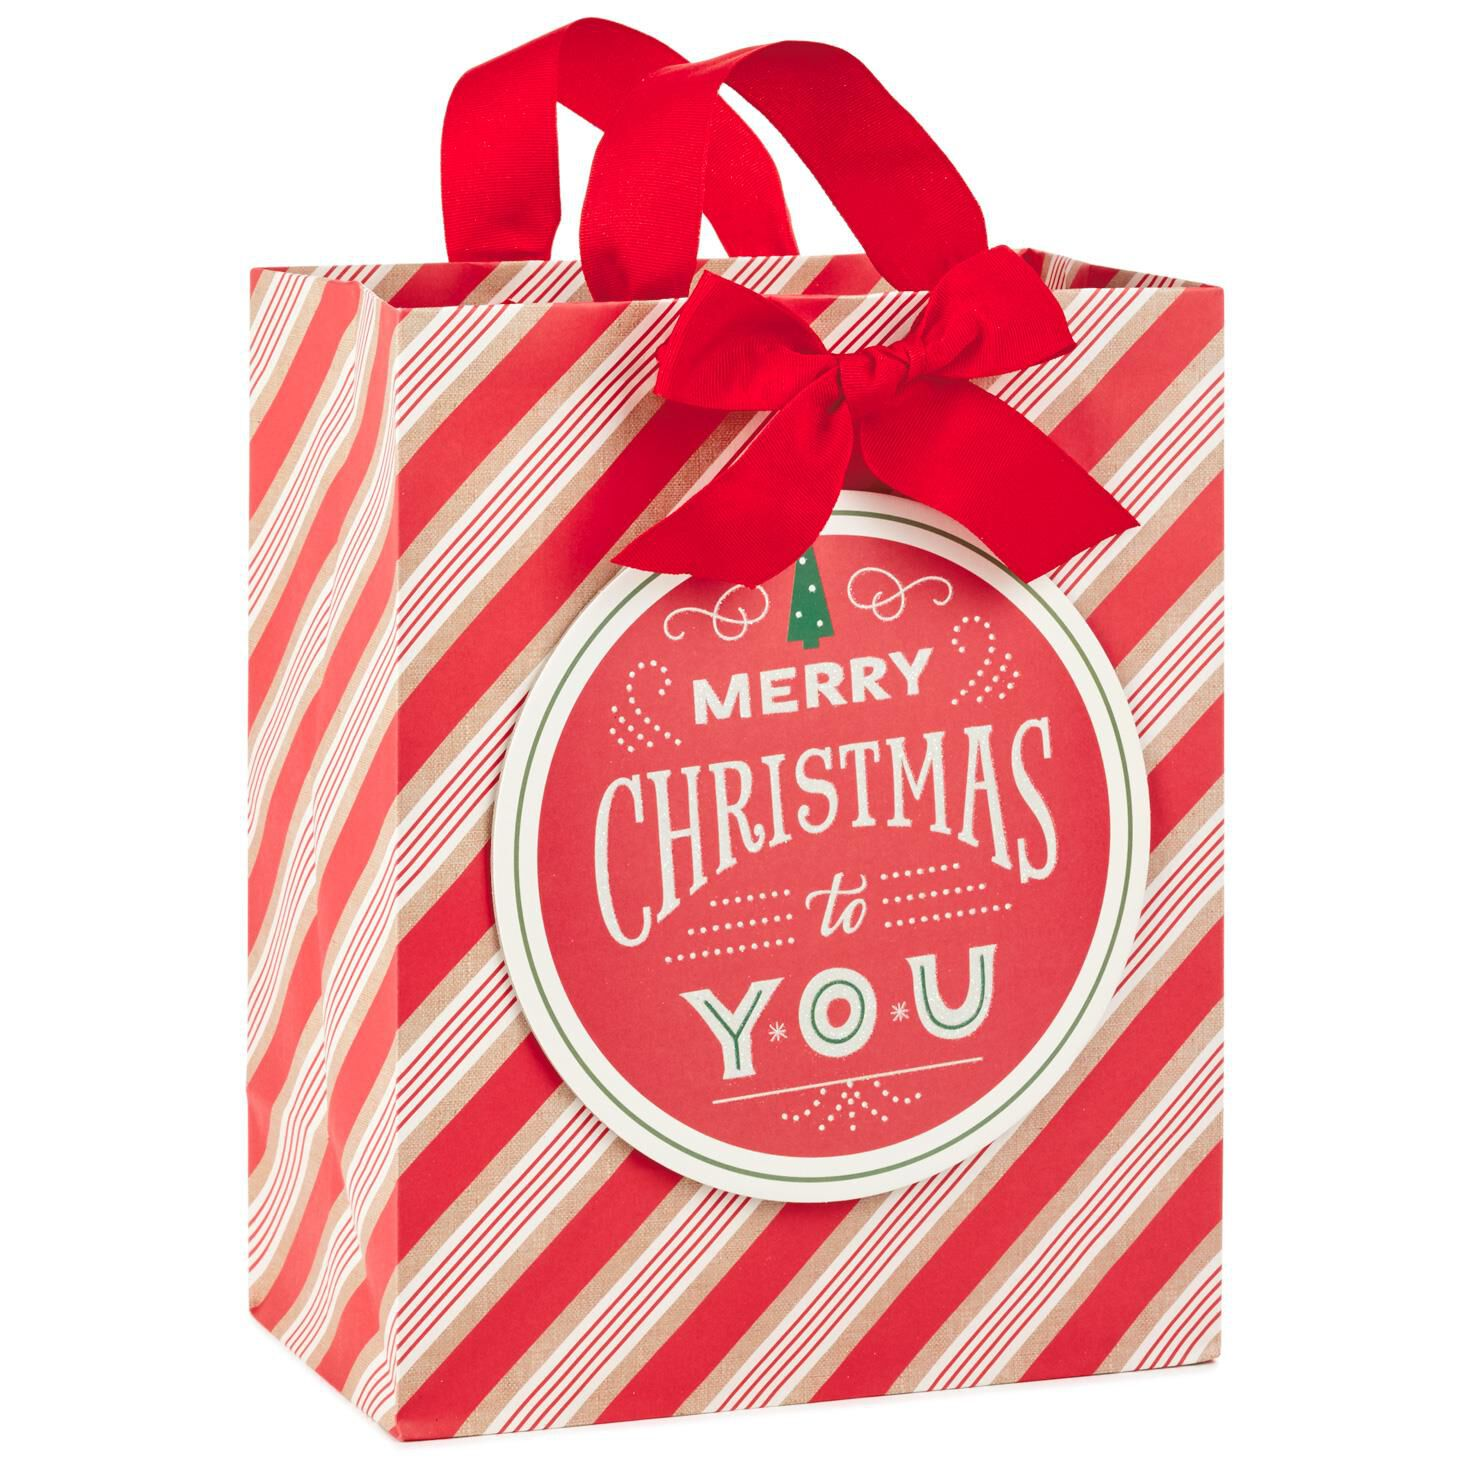 Merry christmas to you large christmas gift bag 13 gift bags merry christmas to you large christmas gift bag 13 gift bags hallmark negle Choice Image